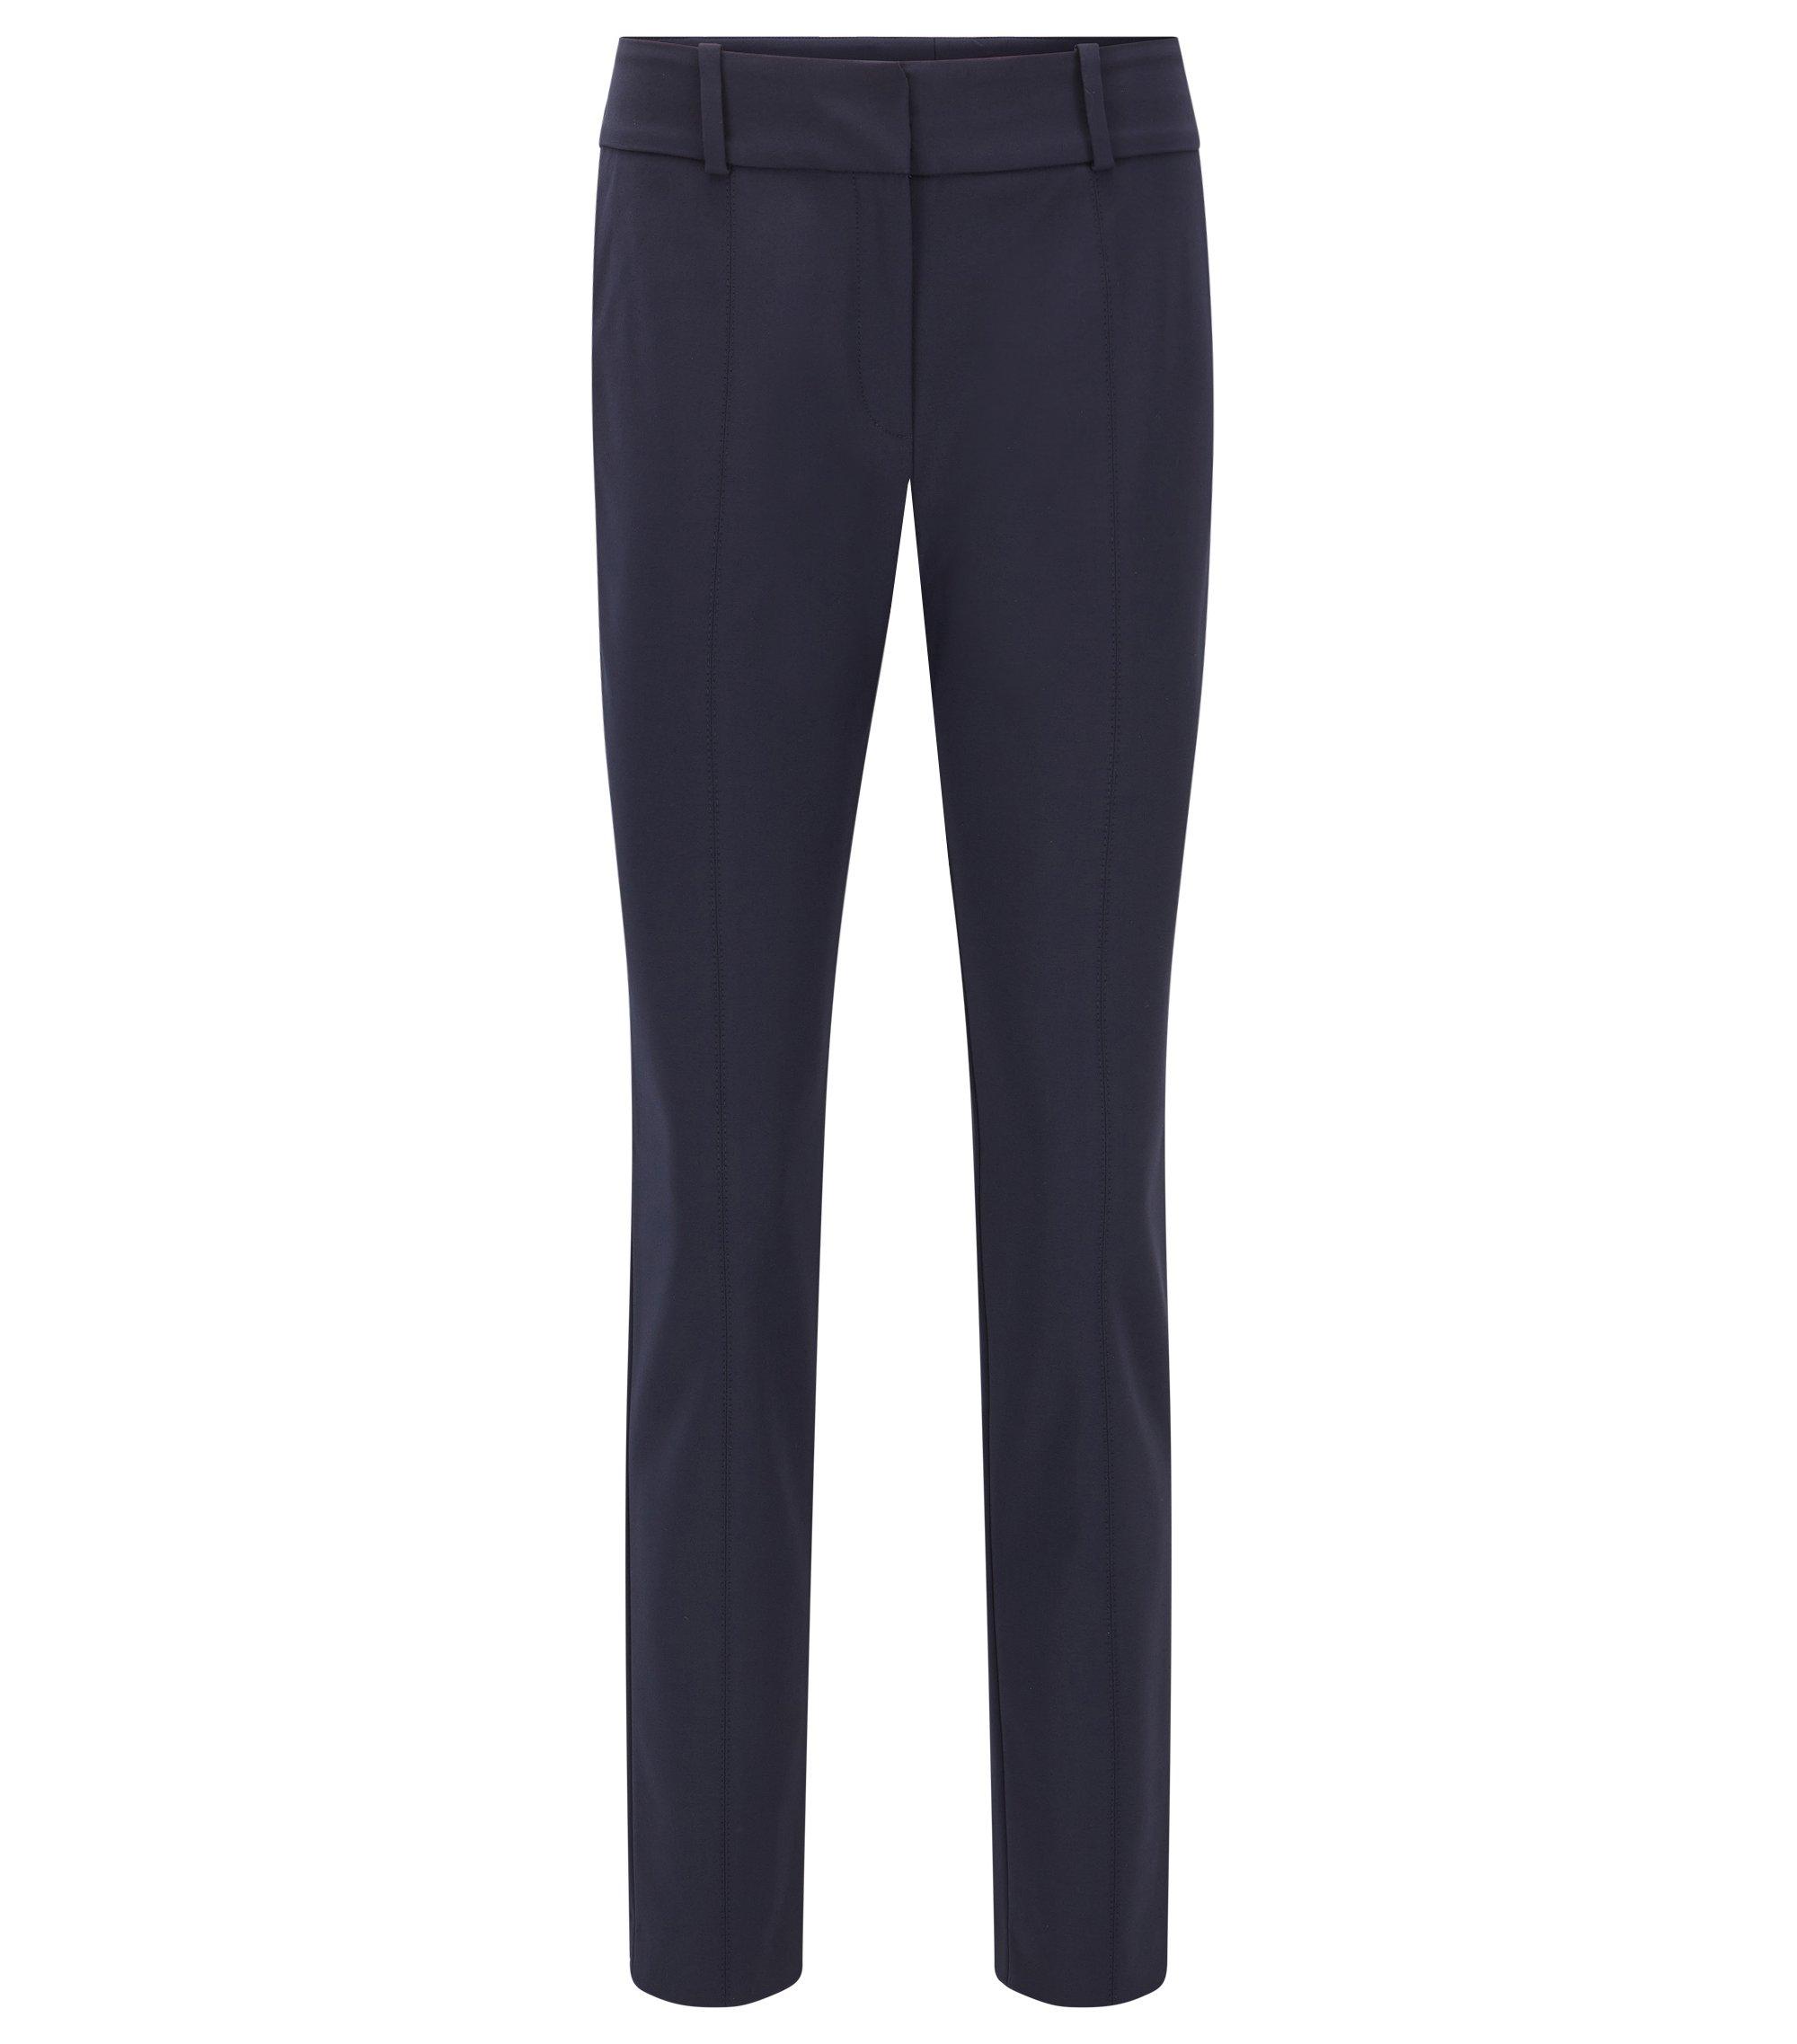 Knitterfreie Slim-Fit Hose aus elastischem Baumwoll-Mix , Dunkelblau